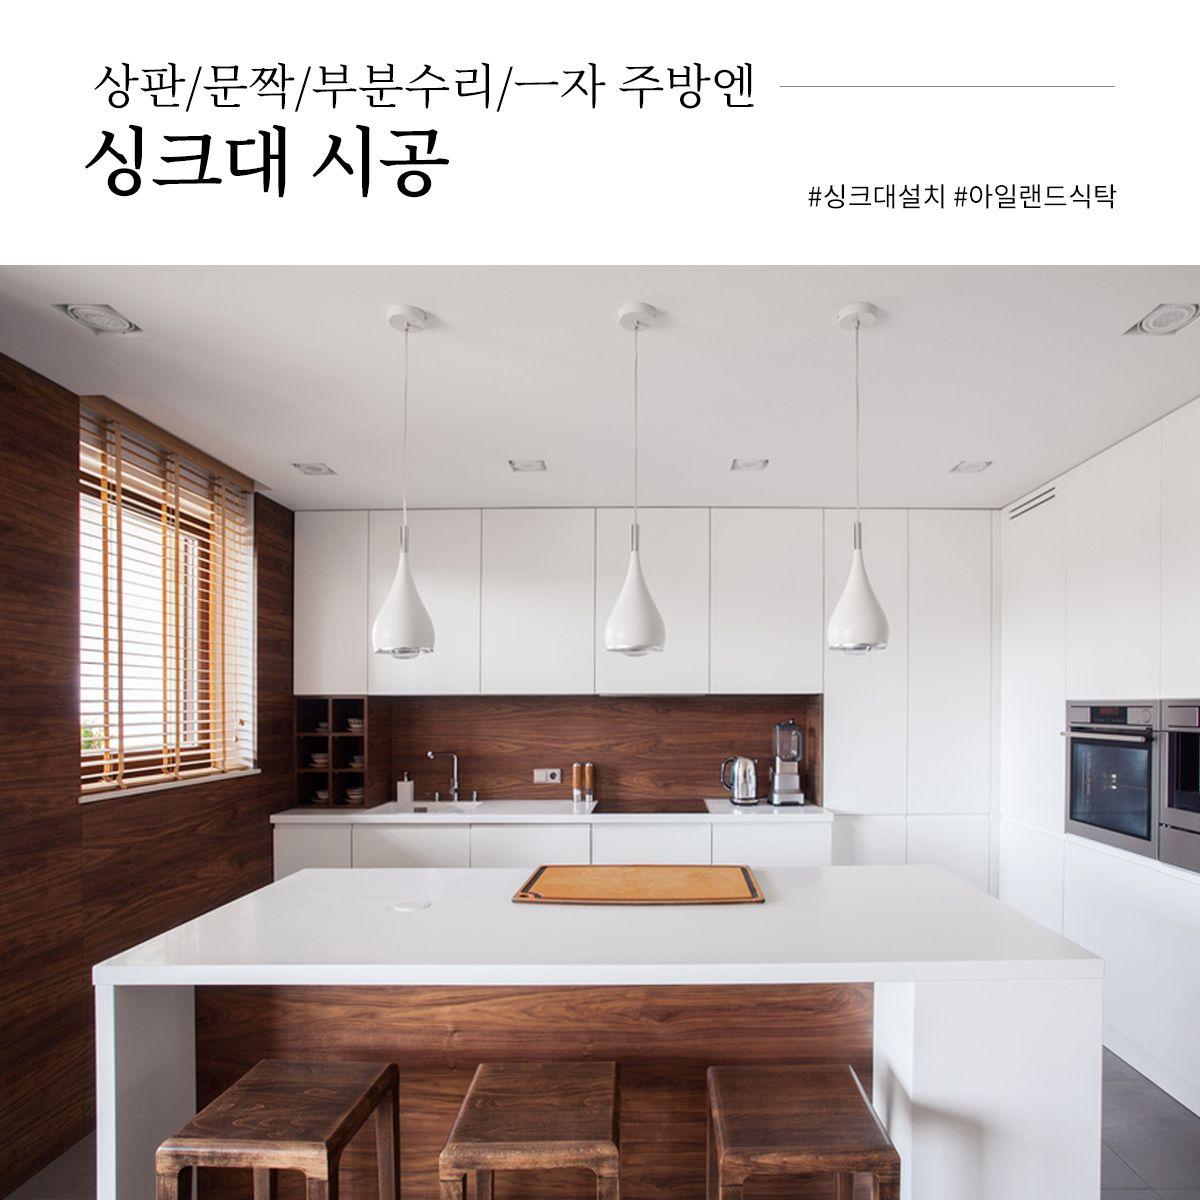 싱크대 시공 럭셔리 키친 싱크대 부엌 인테리어 디자인